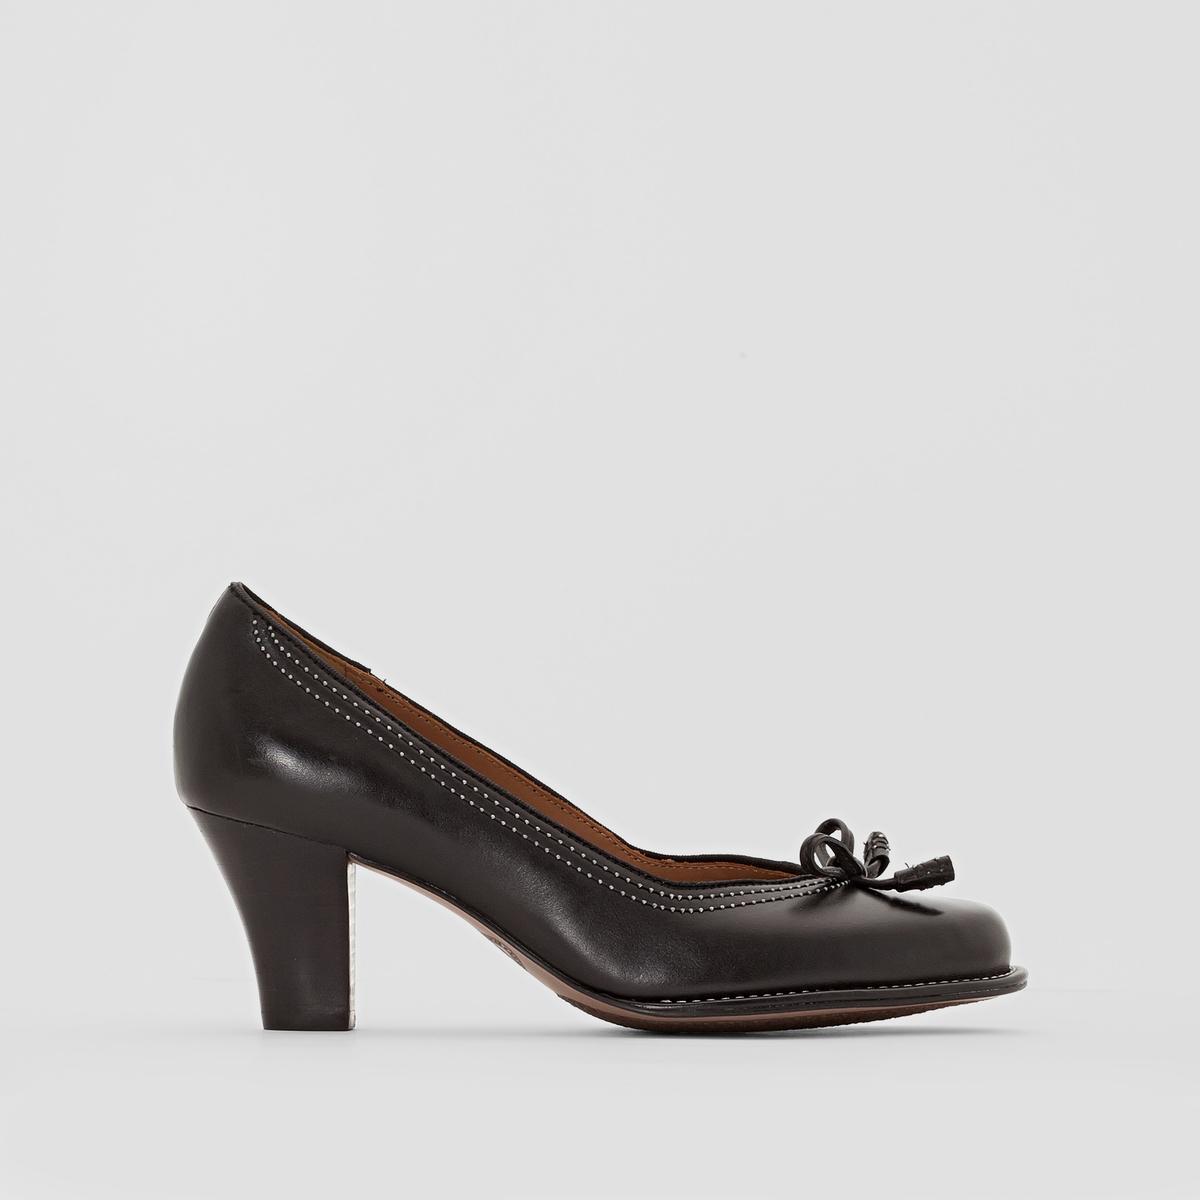 Туфли кожаные на каблуке CLARKS BOMBAY LIGHTSТуфли, модель BOMBAY LIGHTS от CLARKS.Верх: кожа. Подкладка: кожа. Стелька: кожа. Подошва: эластомер. Высота каблука: 6,5 см<br><br>Цвет: черный<br>Размер: 37.39